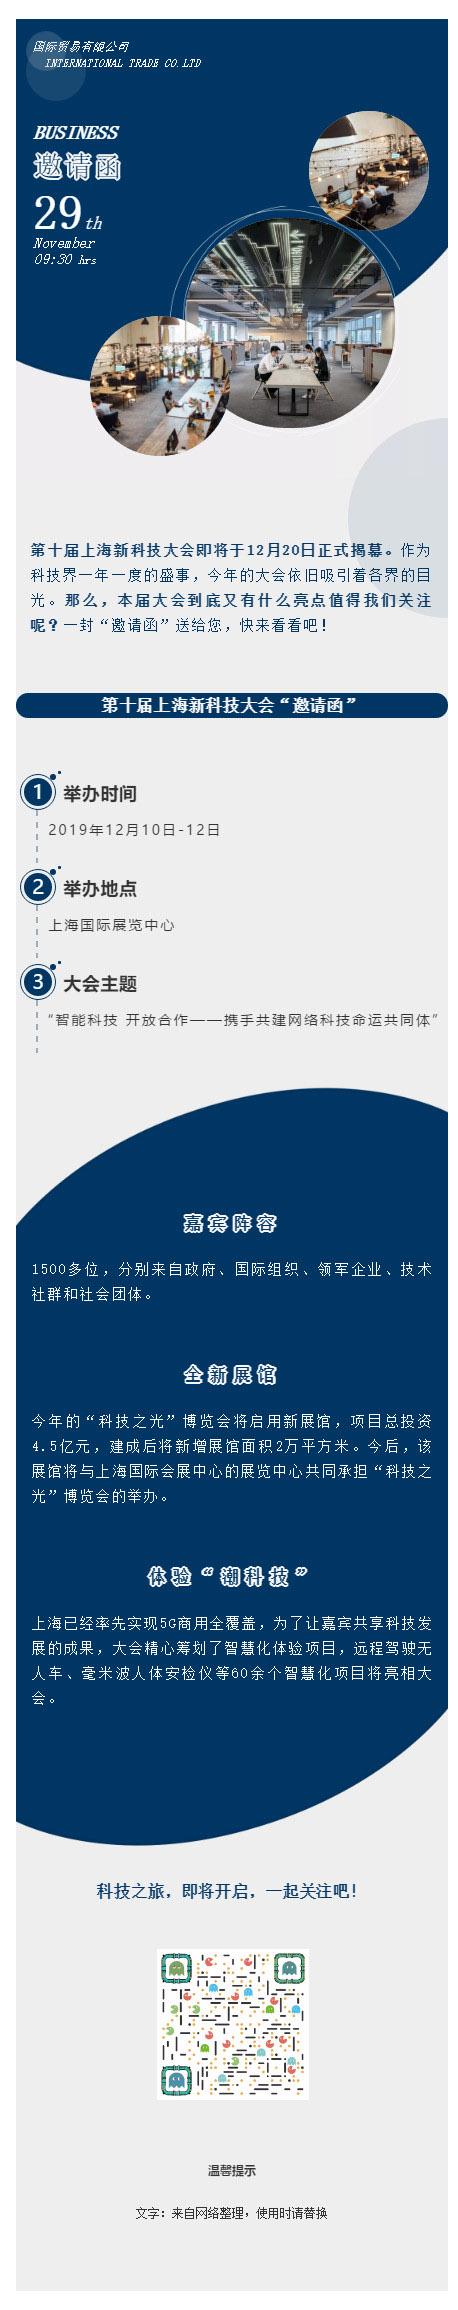 会议展会邀请函展馆推送图文模板微信公众号推文素材